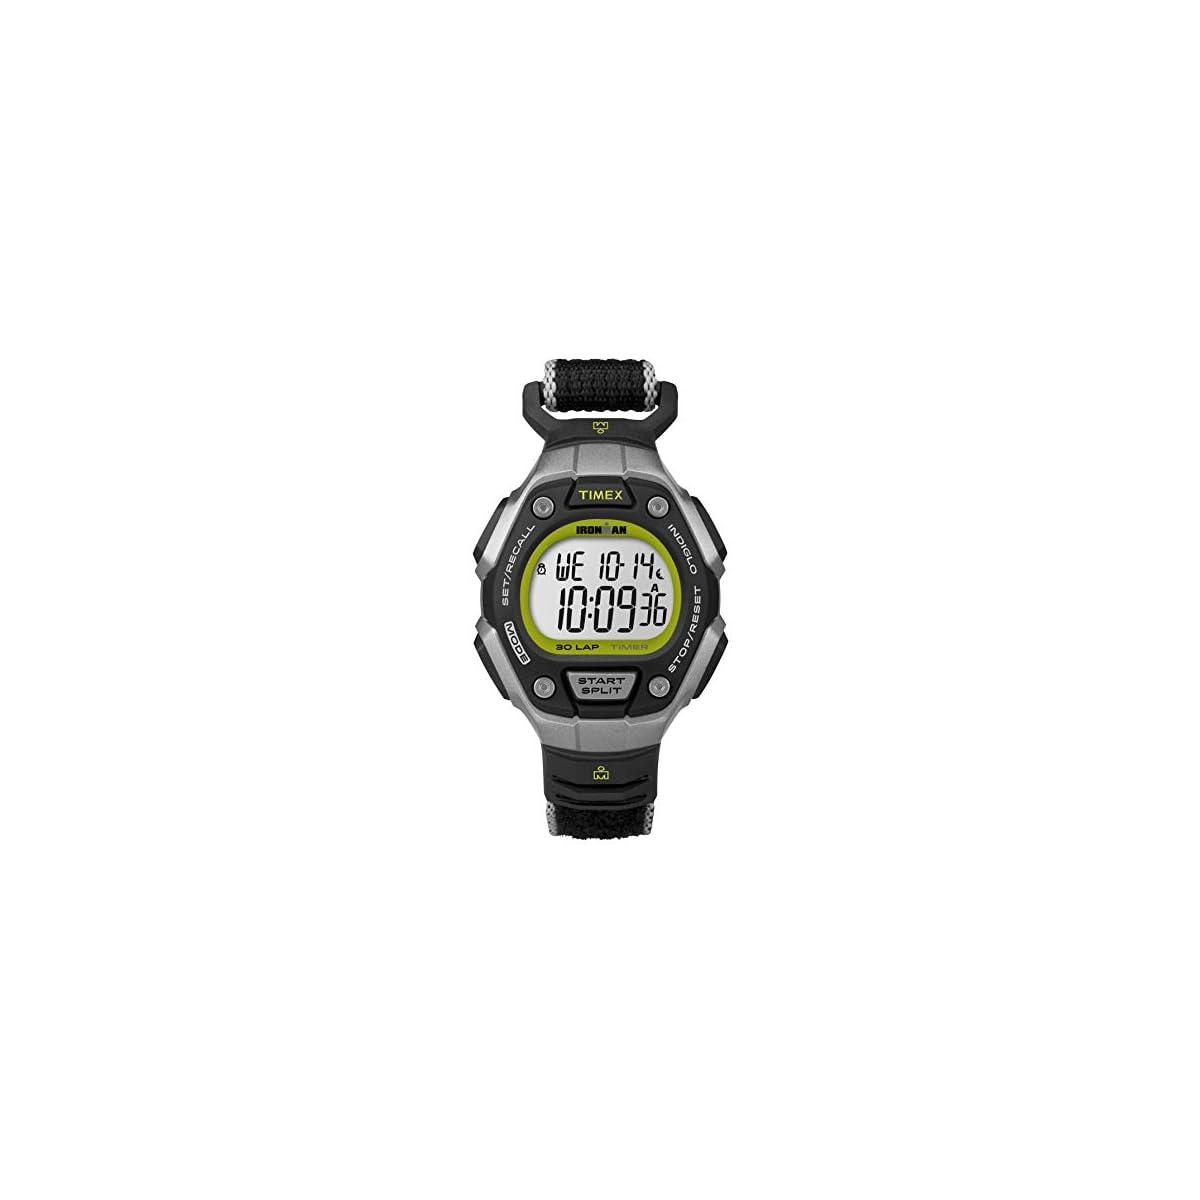 41KydkUCj5L. SS1200  - Timex Reloj de Pulsera TW5K89800